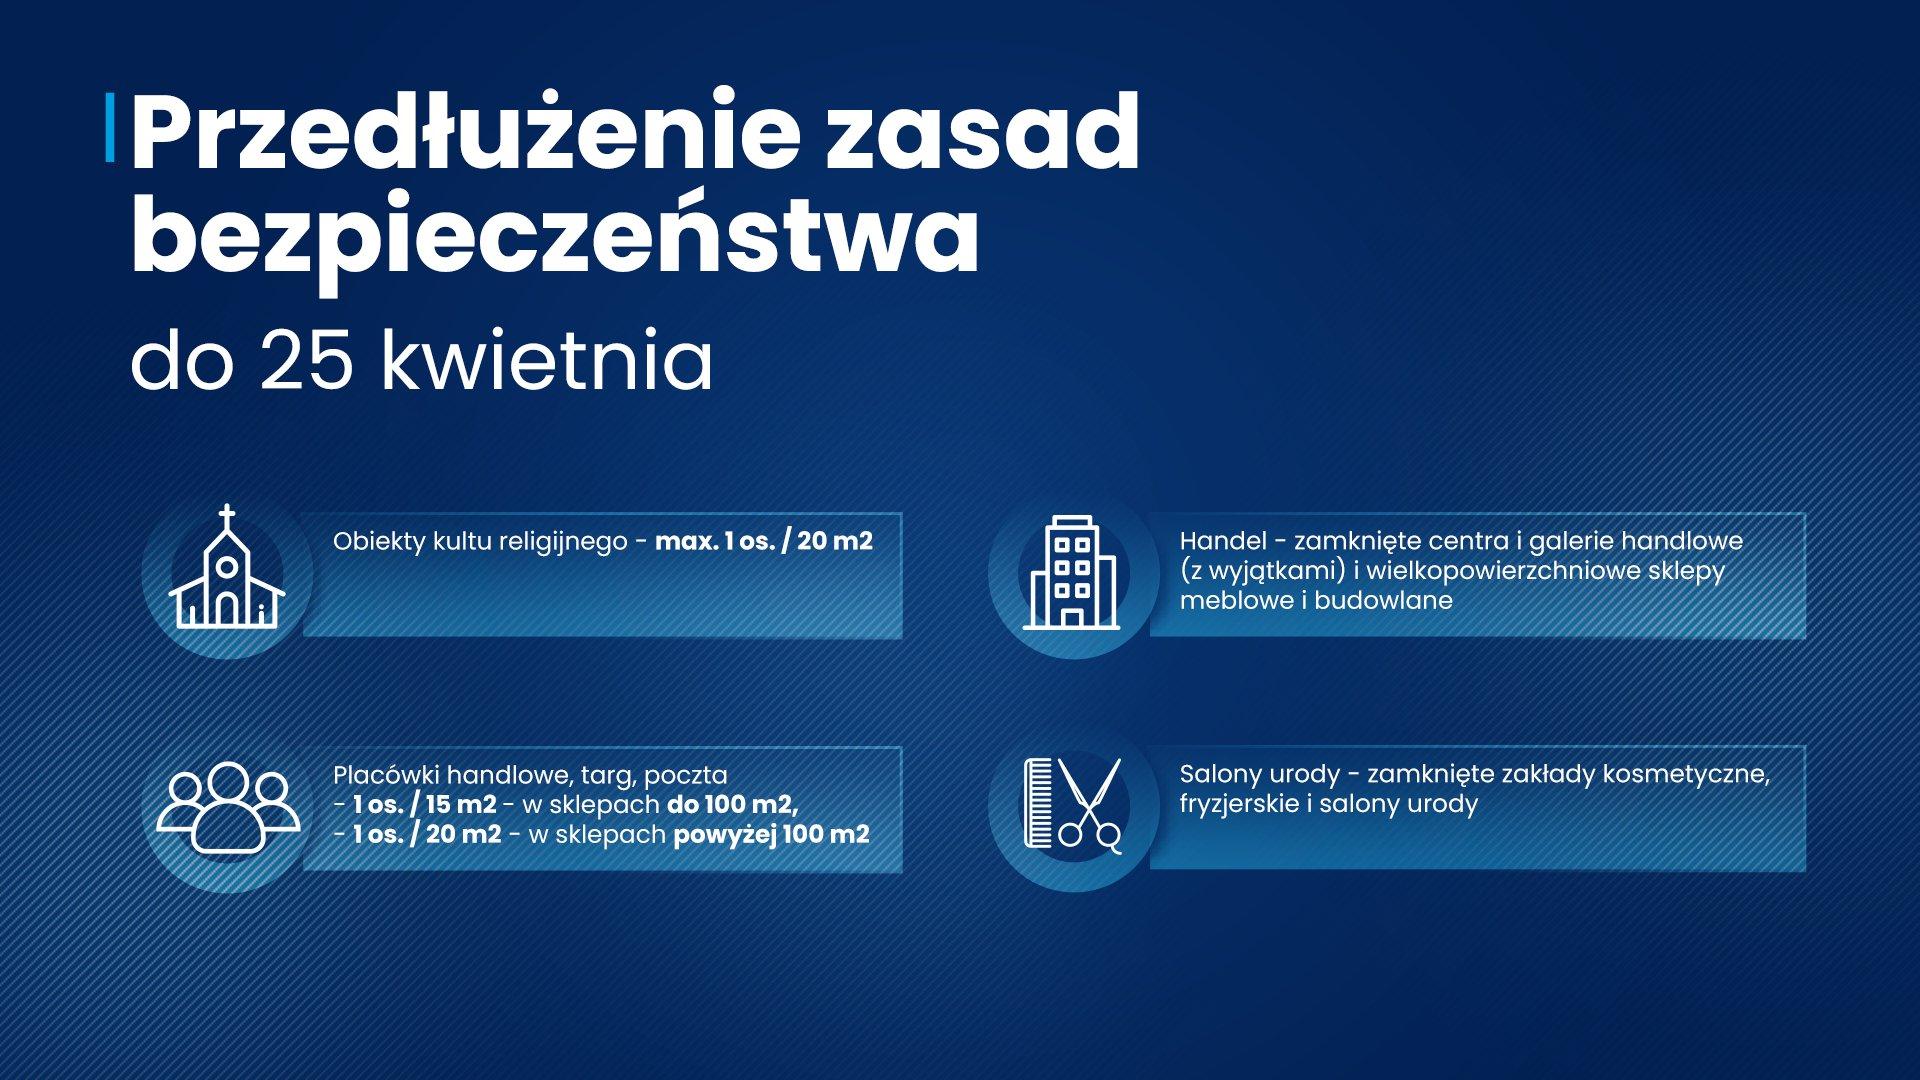 Ministerstwo Zdrowia przedłuża restrykcje do 25 kwietnia